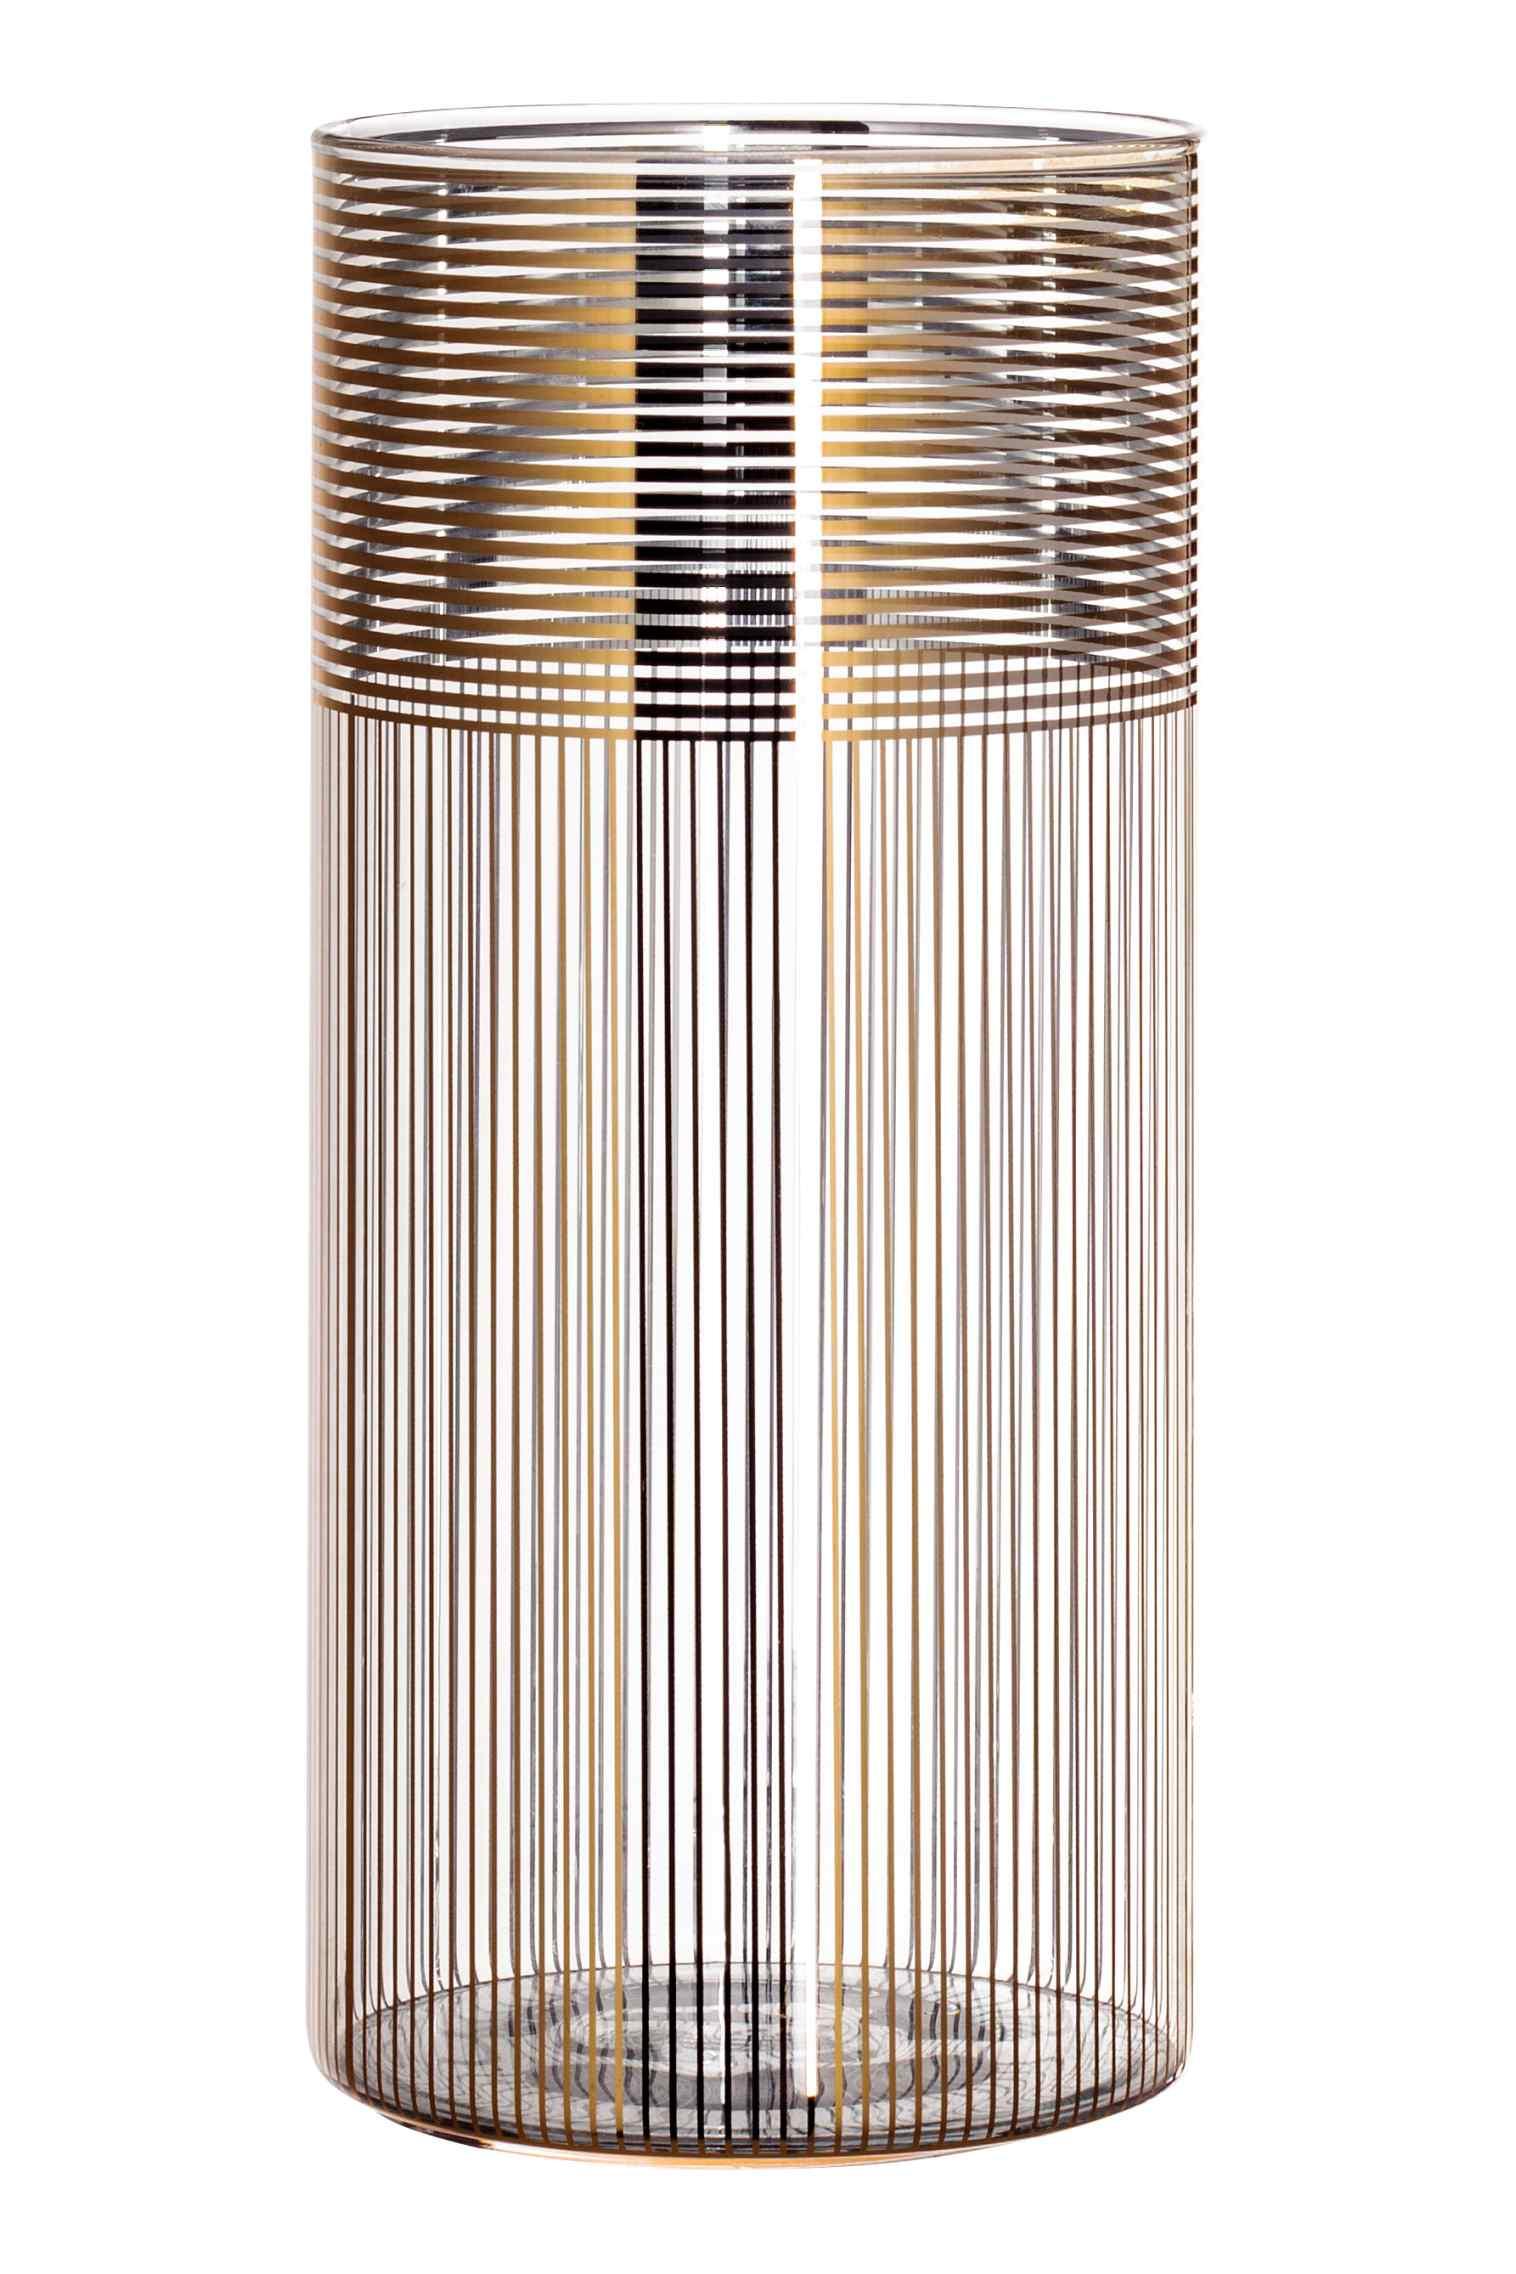 Gold patterned vase, $30